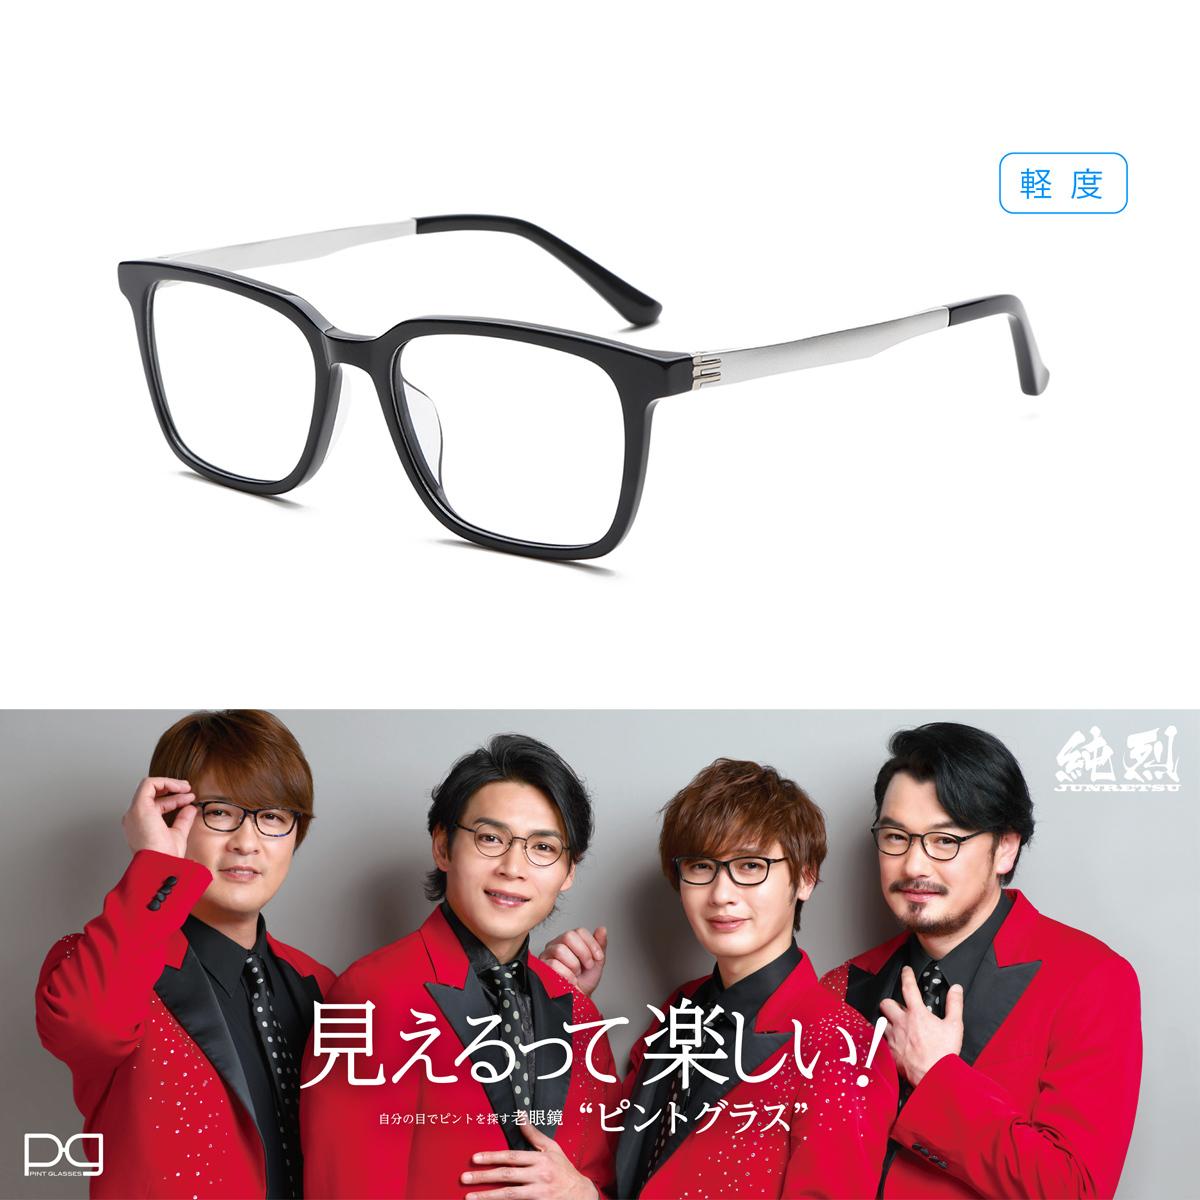 【PG-113L-NV】老眼鏡(ピントグラス)軽度レンズモデル ネイビー